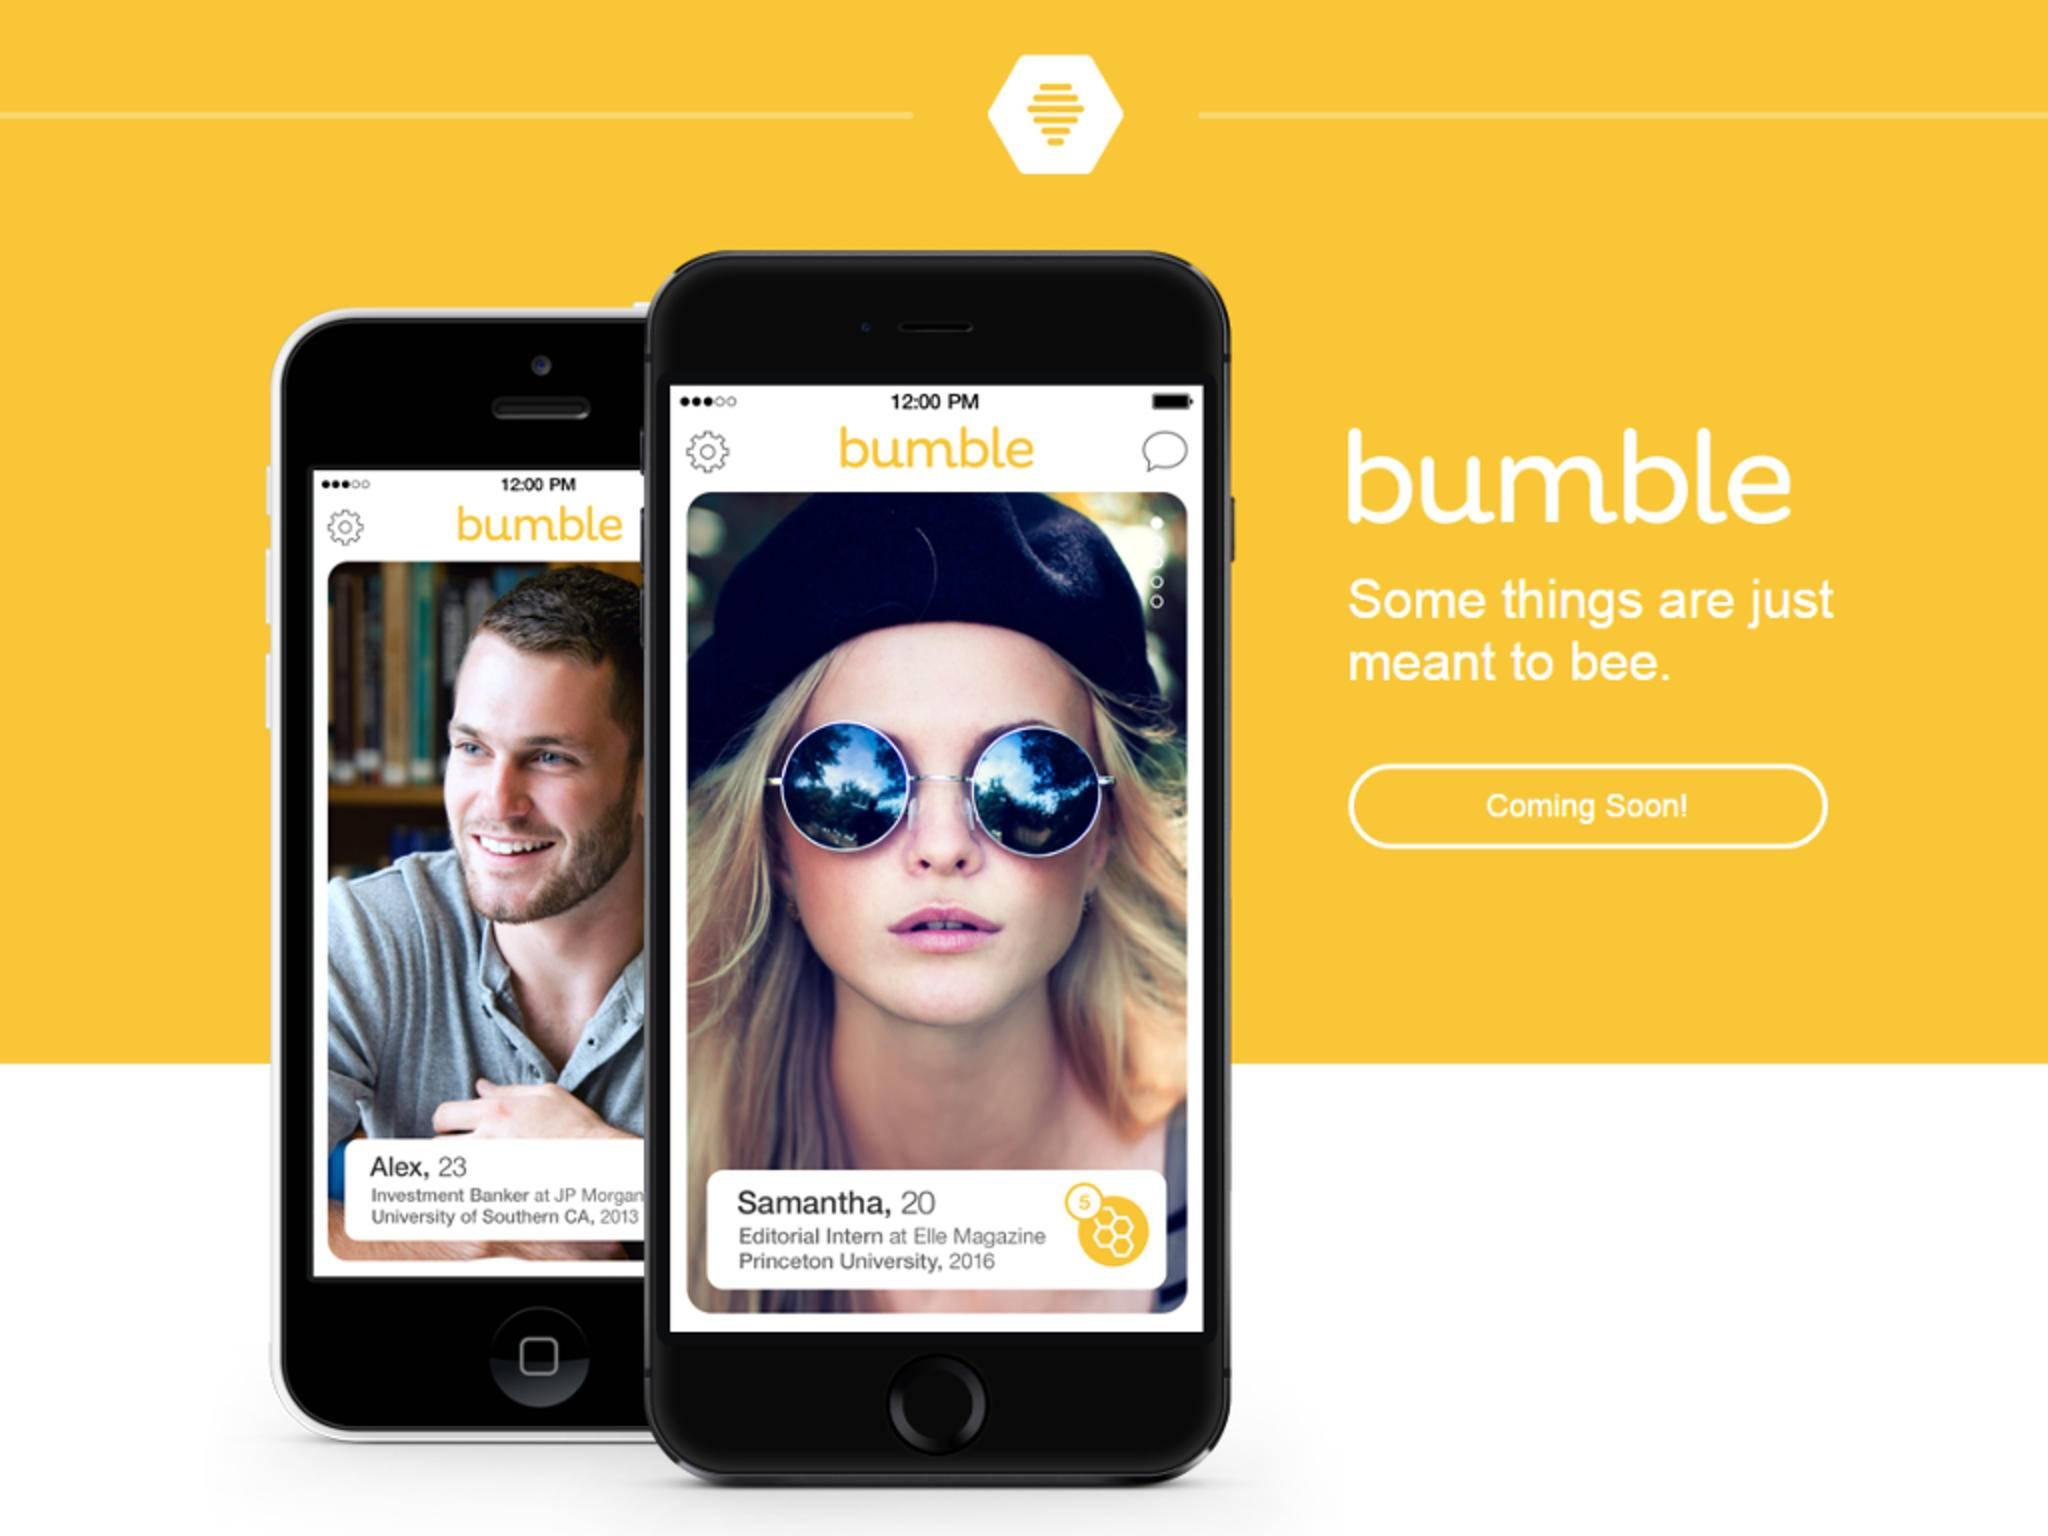 Die neue Dating-App Bumble soll besser als Tinder werden.